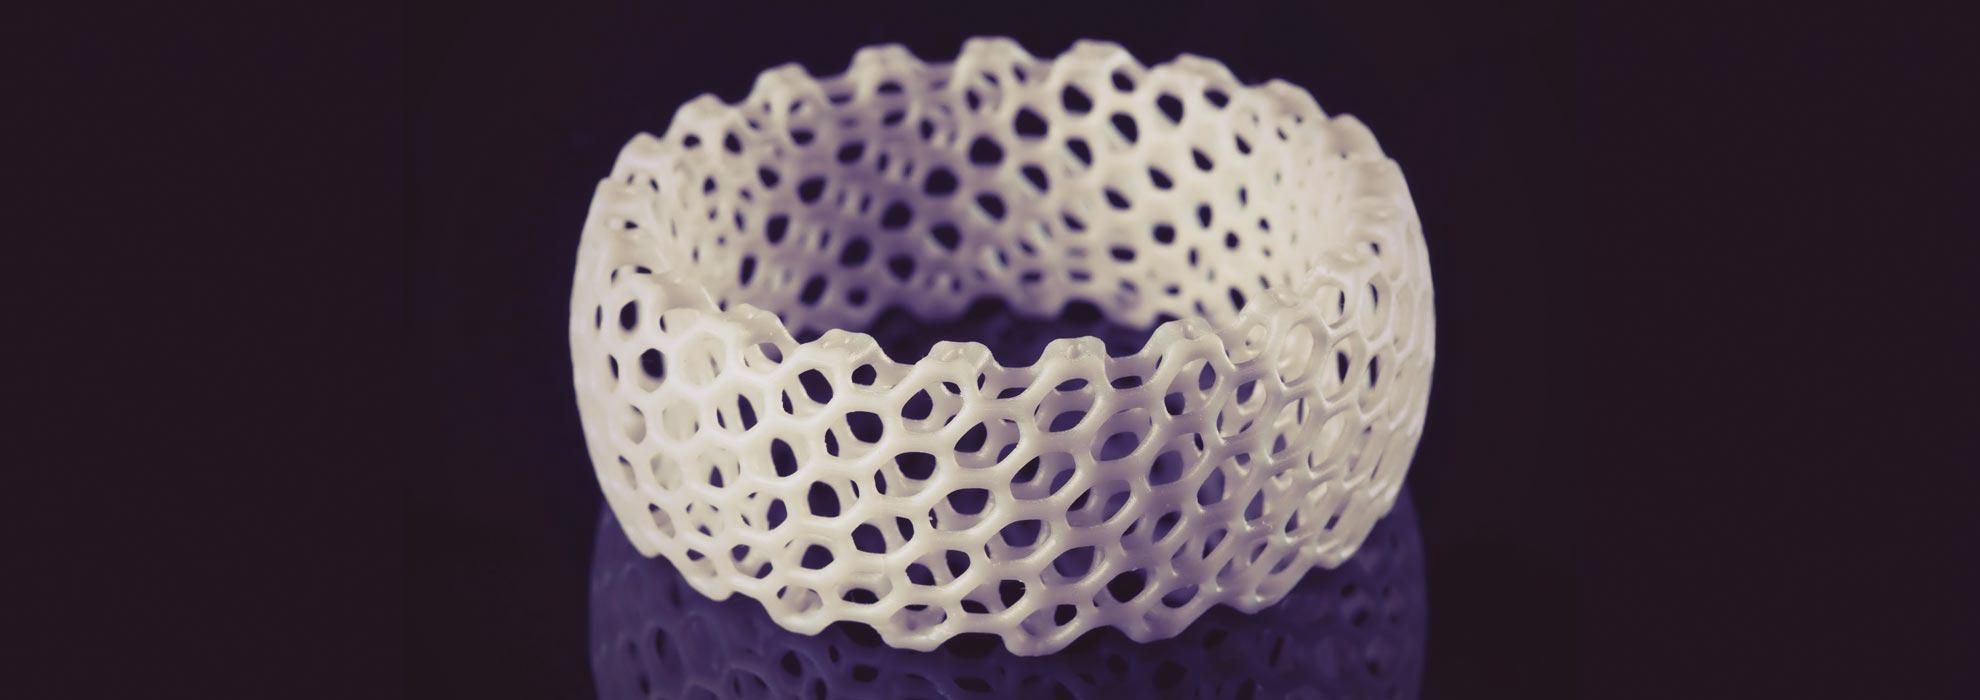 Женский браслет из белого полимера